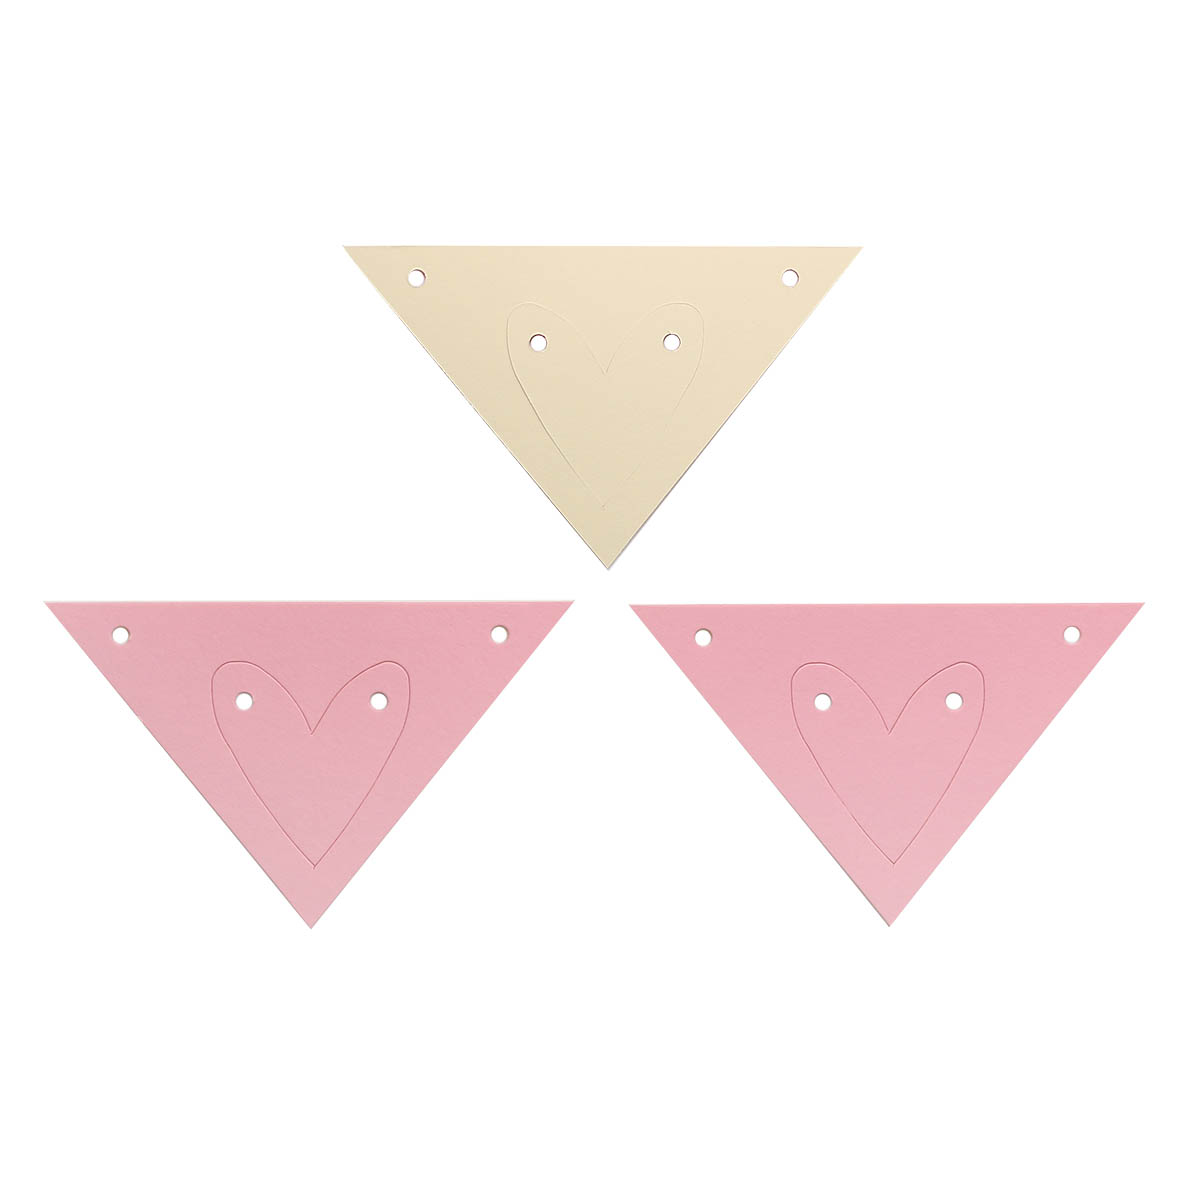 ГИР4003 Заготовка для гирлянды Треугольник Сердце Розовый/Кремовый